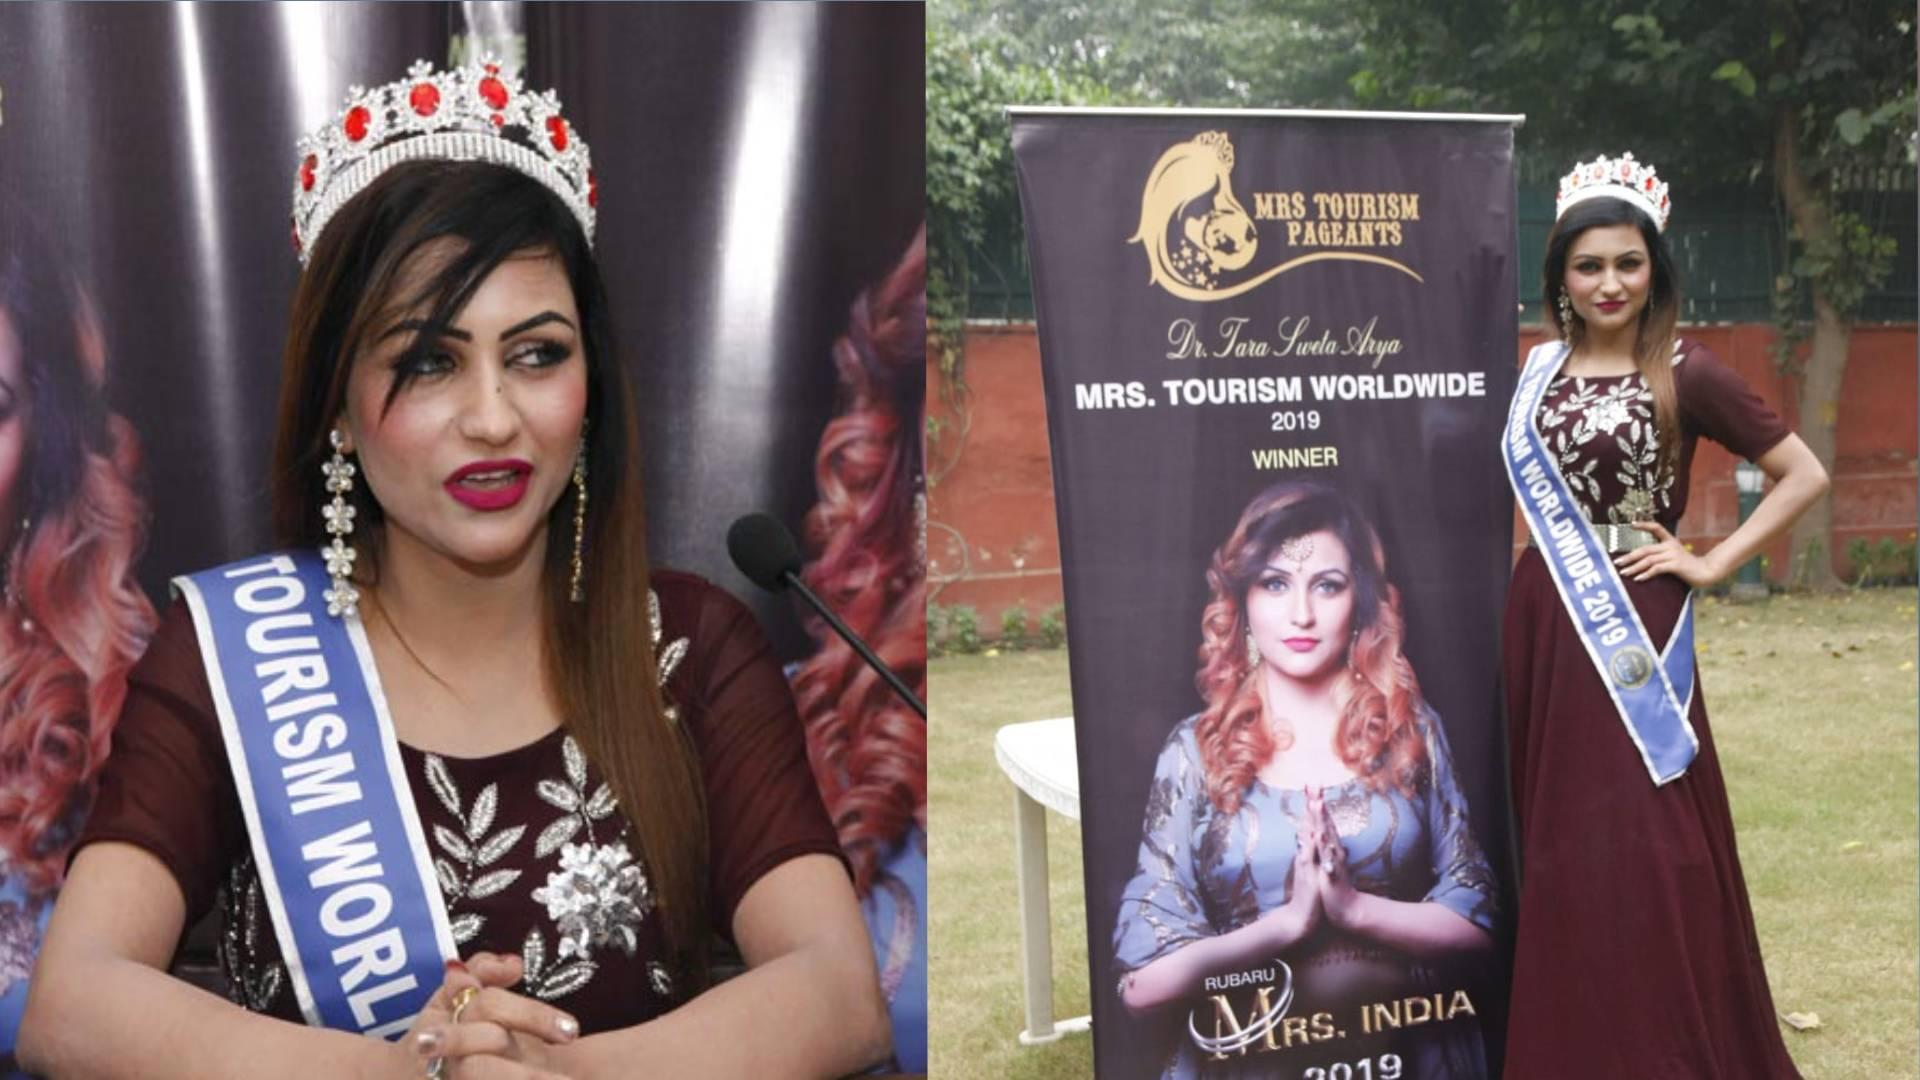 Mrs. Tourism 2019: बिहार की डॉ तारा श्वेता आर्या ने किया देश का नाम रोशन, चुनी गई मिसिज टूरिज्म वर्ल्डवाइड